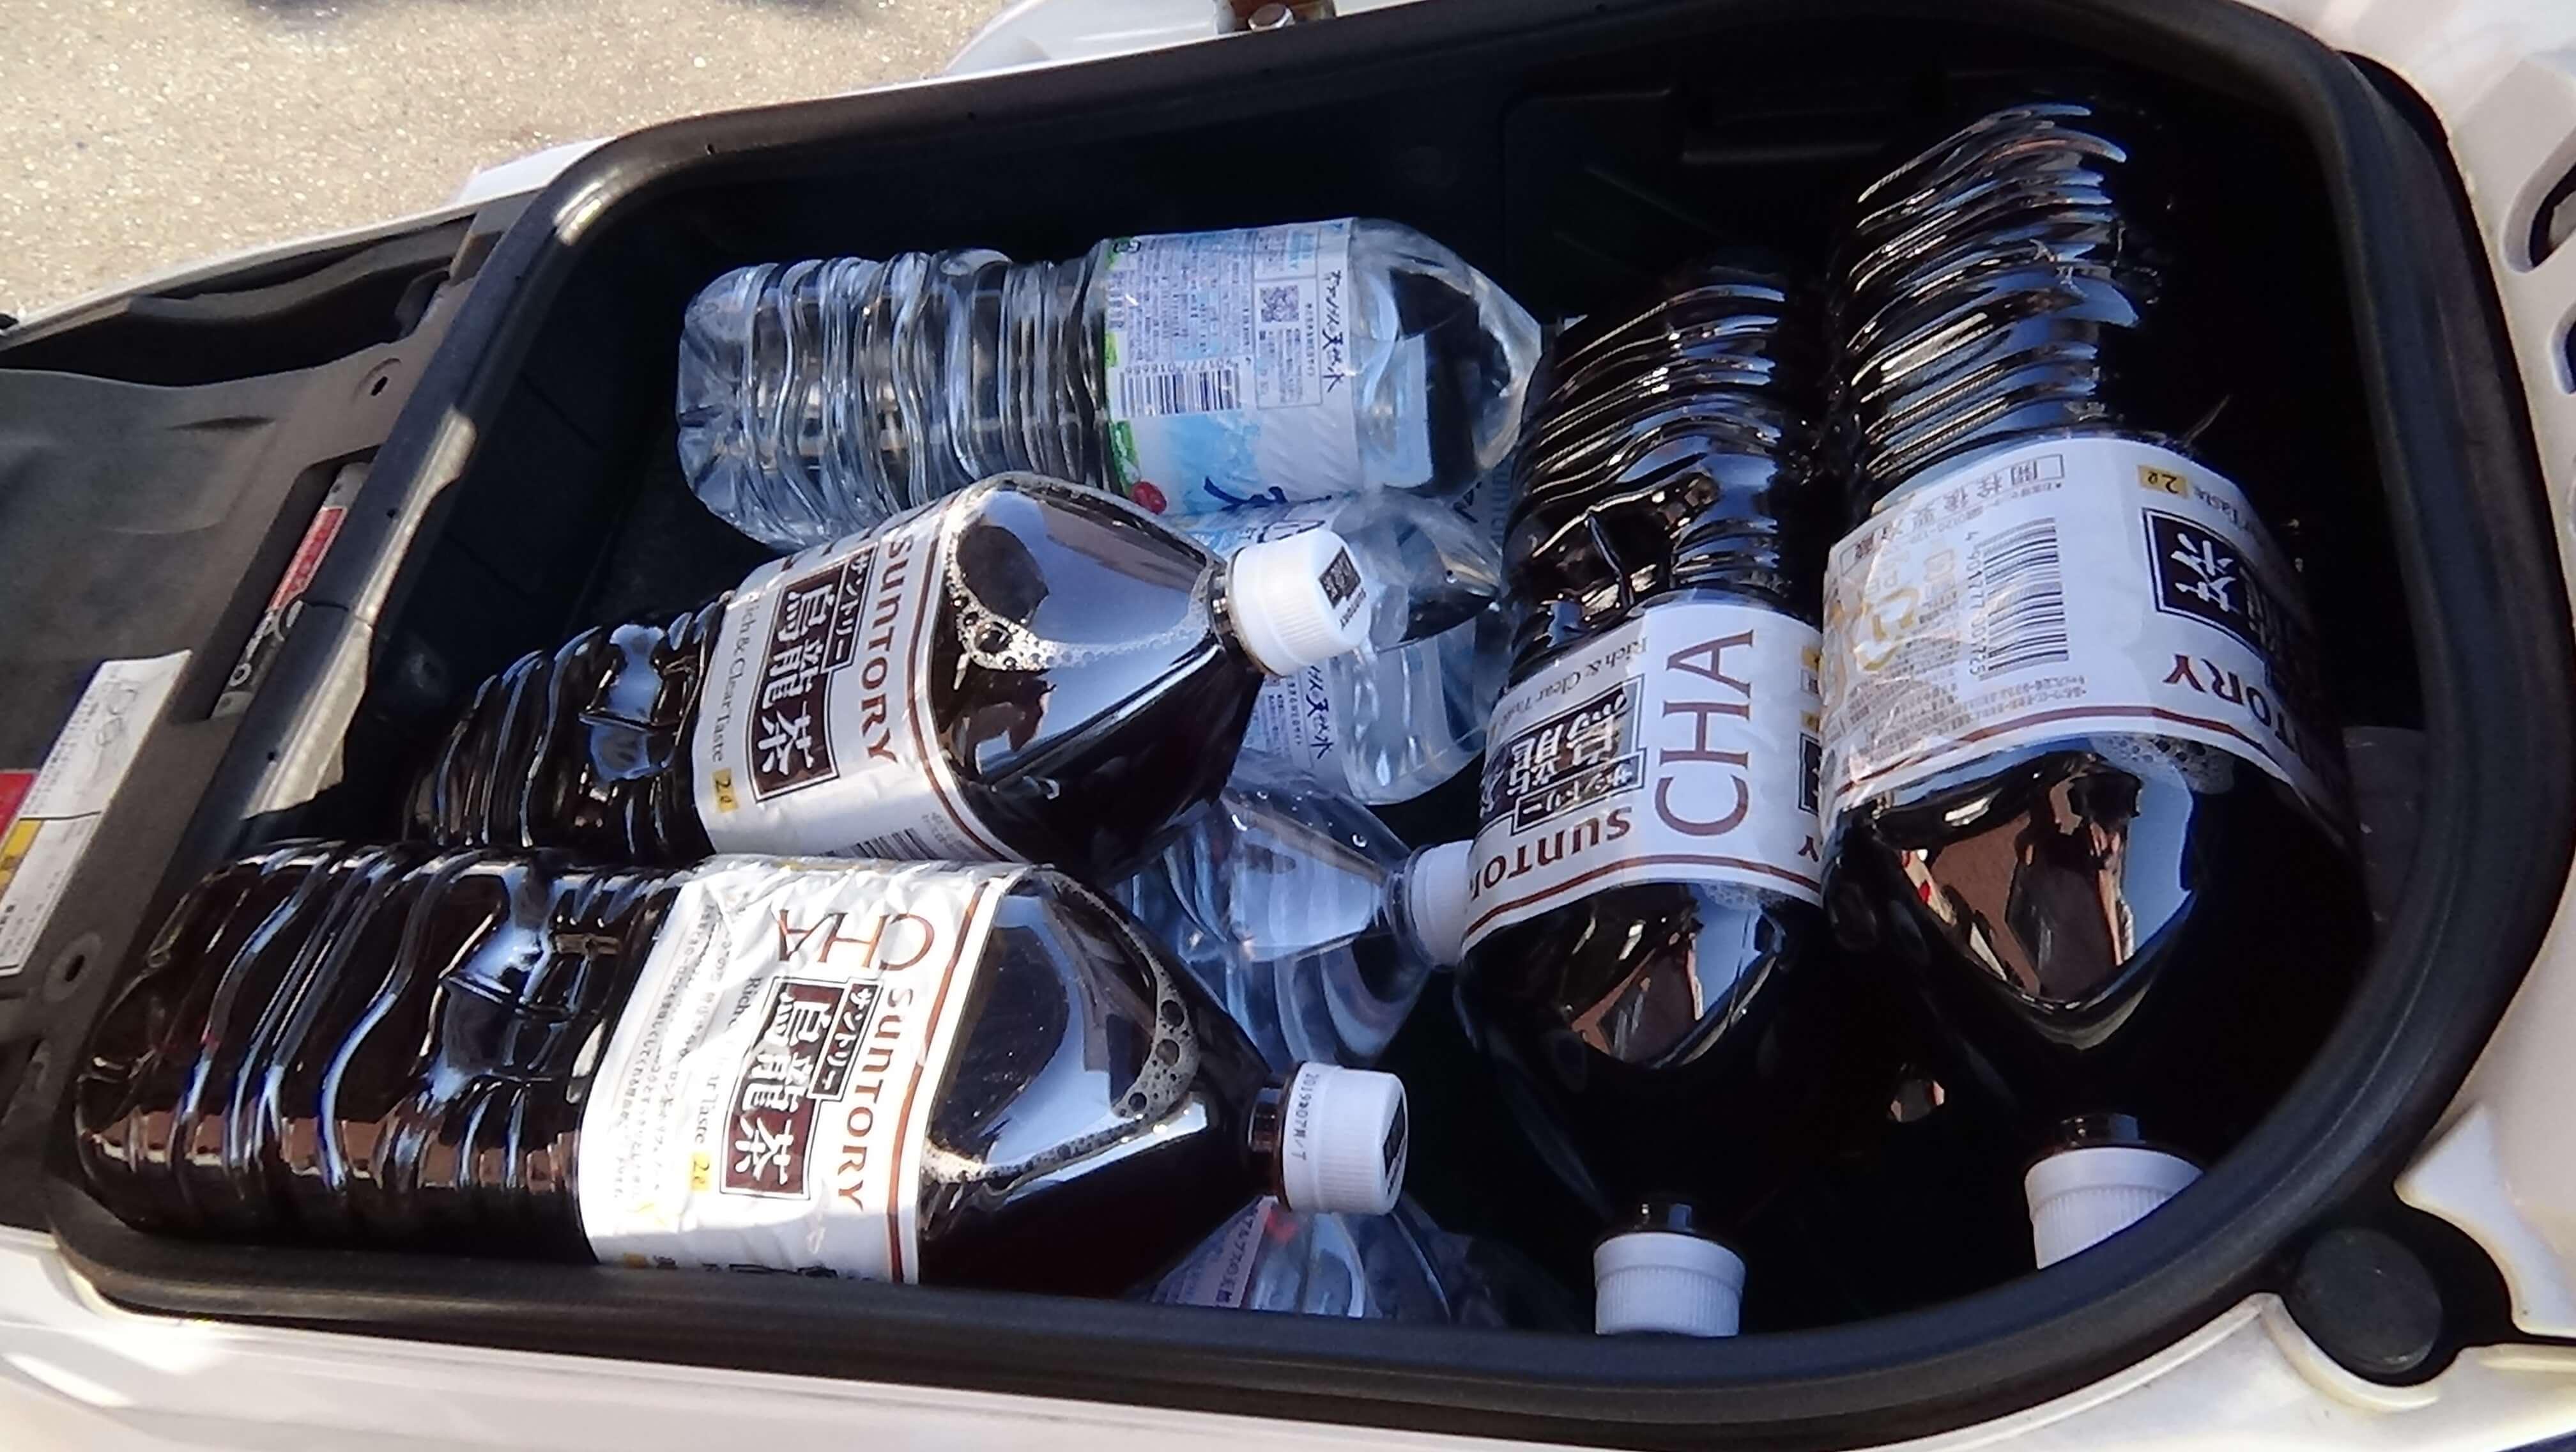 ビッグスクーターに積んだペットボトル